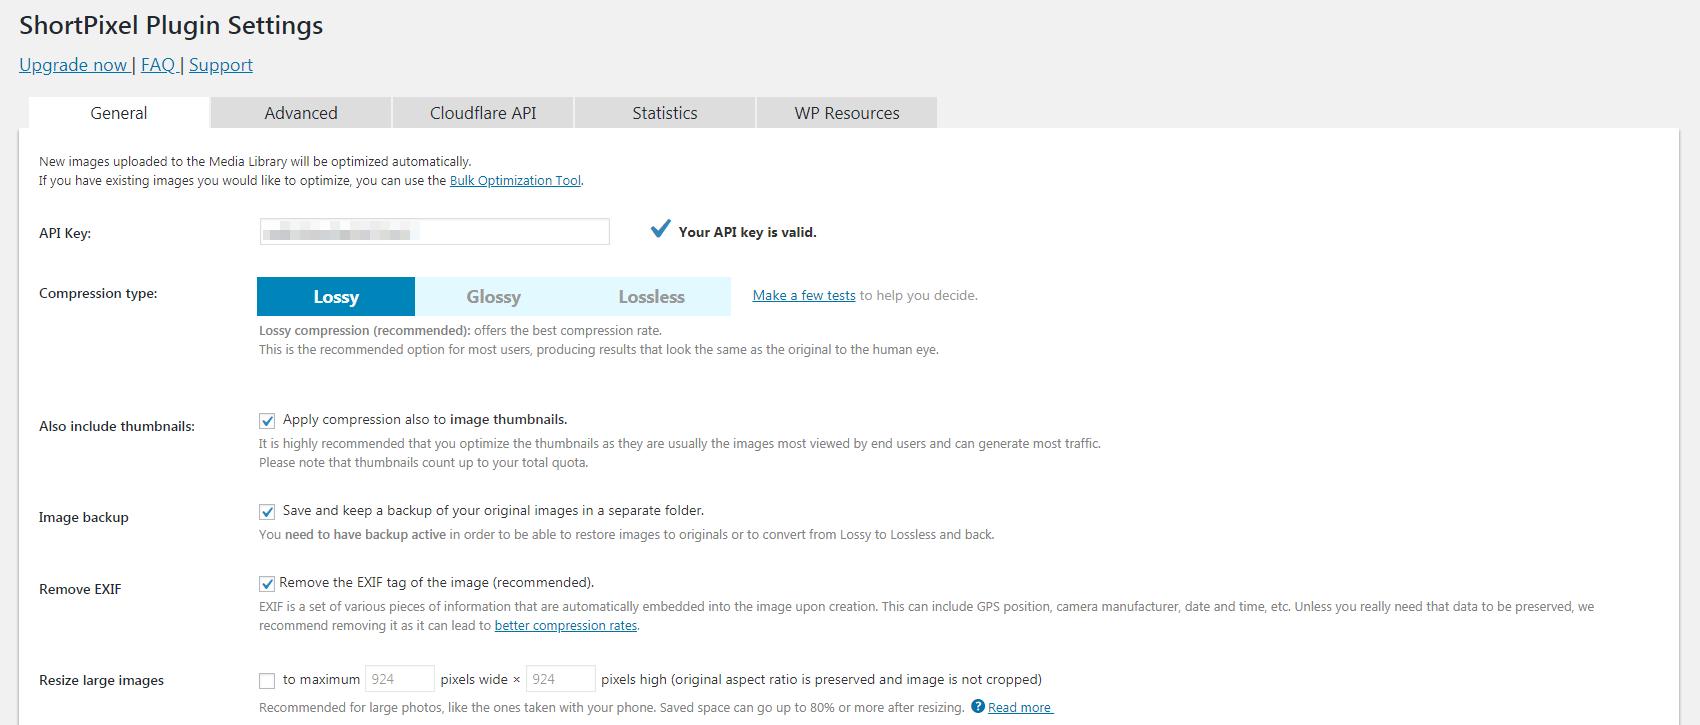 The ShortPixel plugin settings.